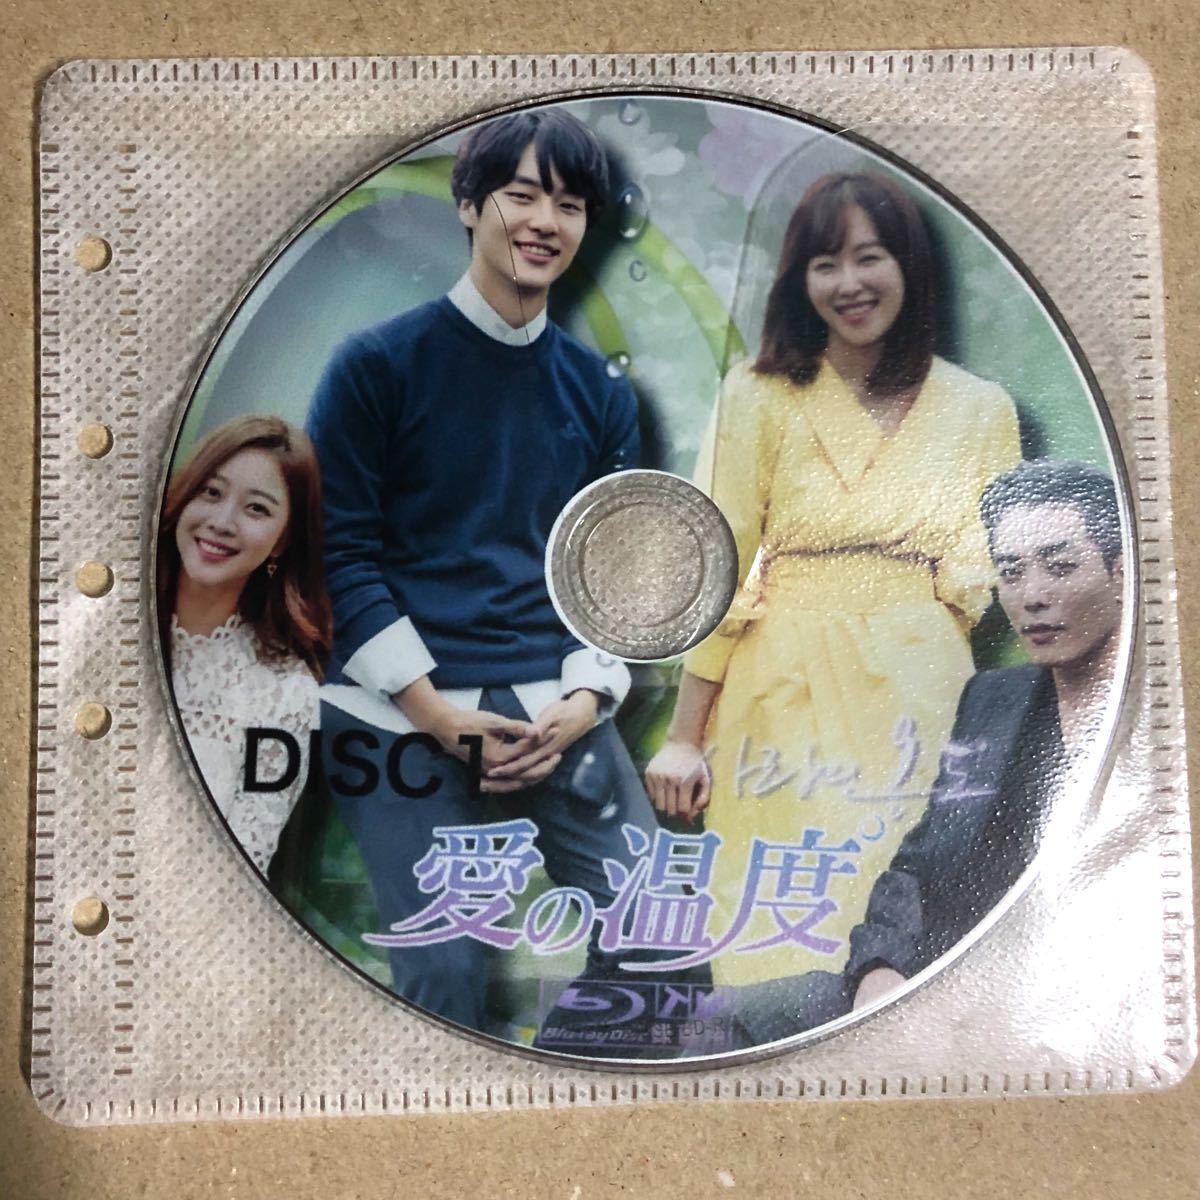 愛の温度 Blu-ray